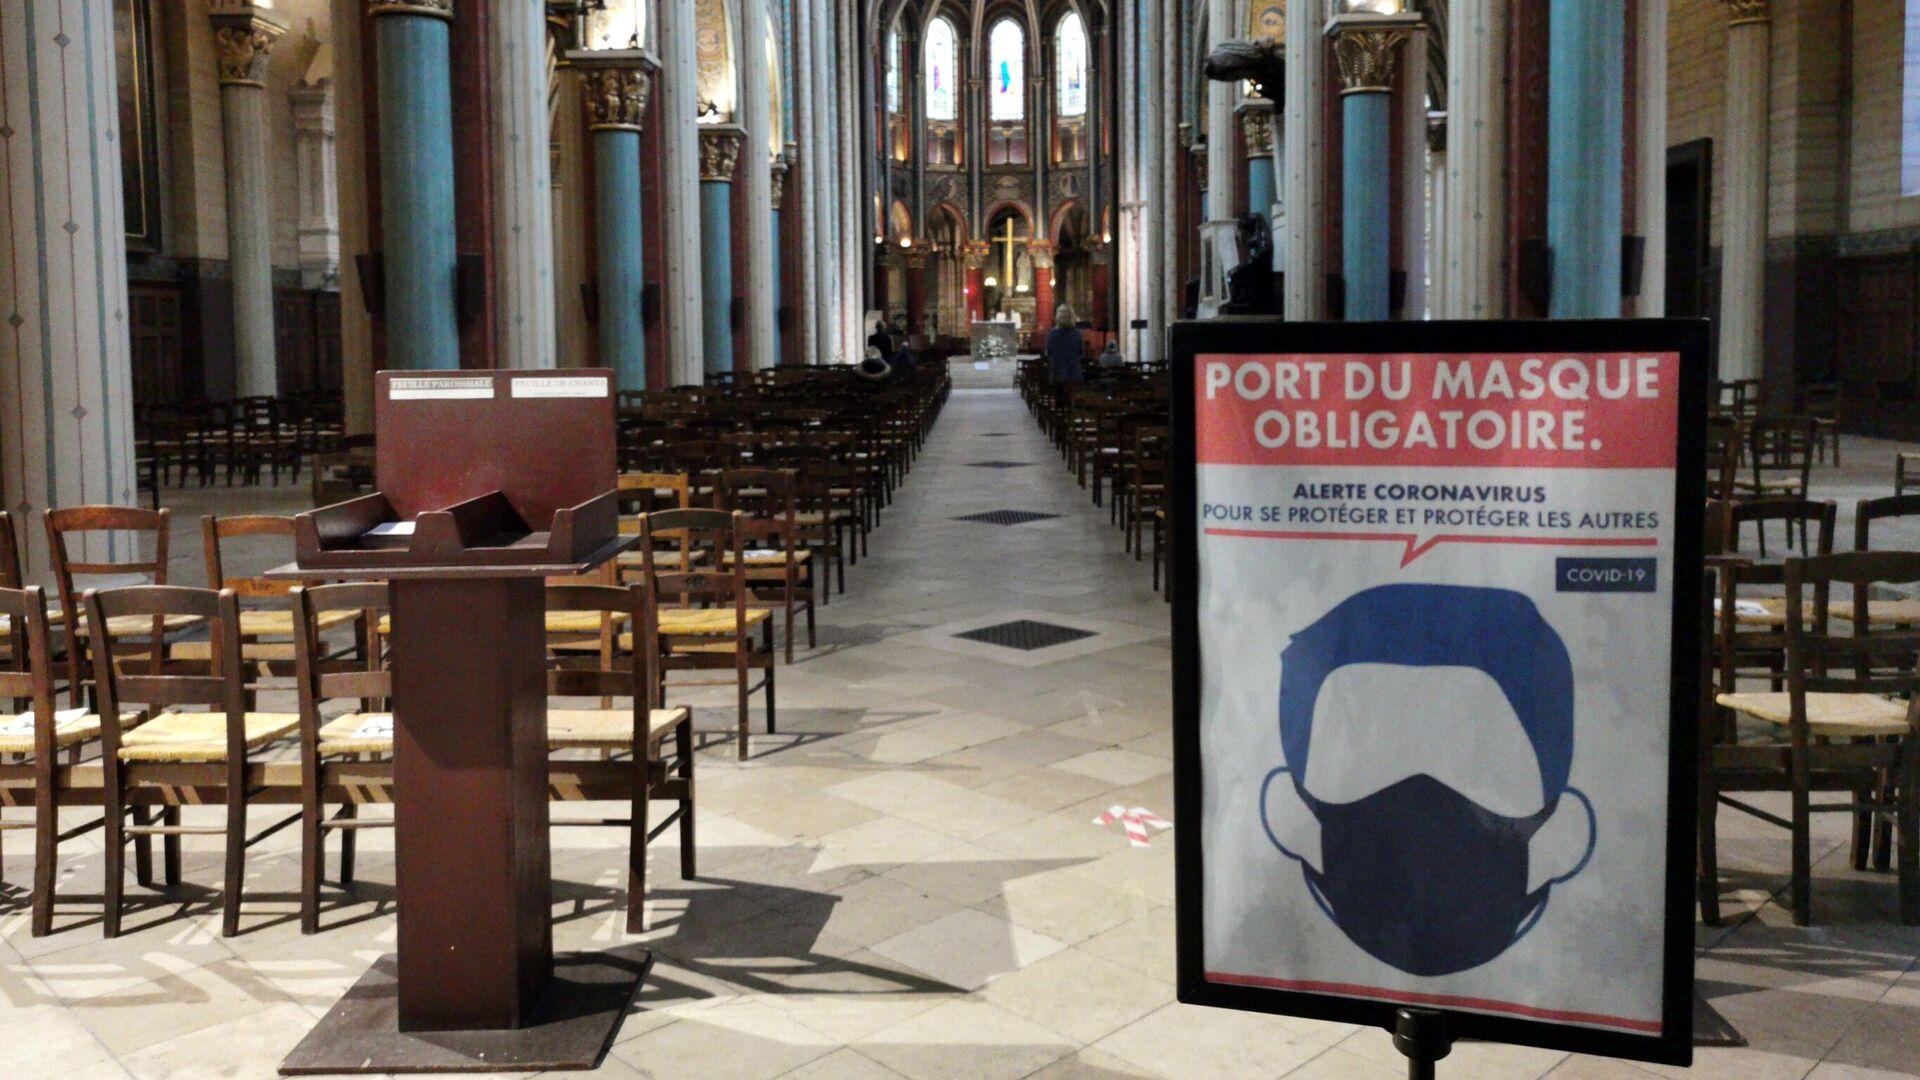 Плакат, напоминающий о ношении масок в церкви Сен-Жермен в Париже - РИА Новости, 1920, 24.11.2020